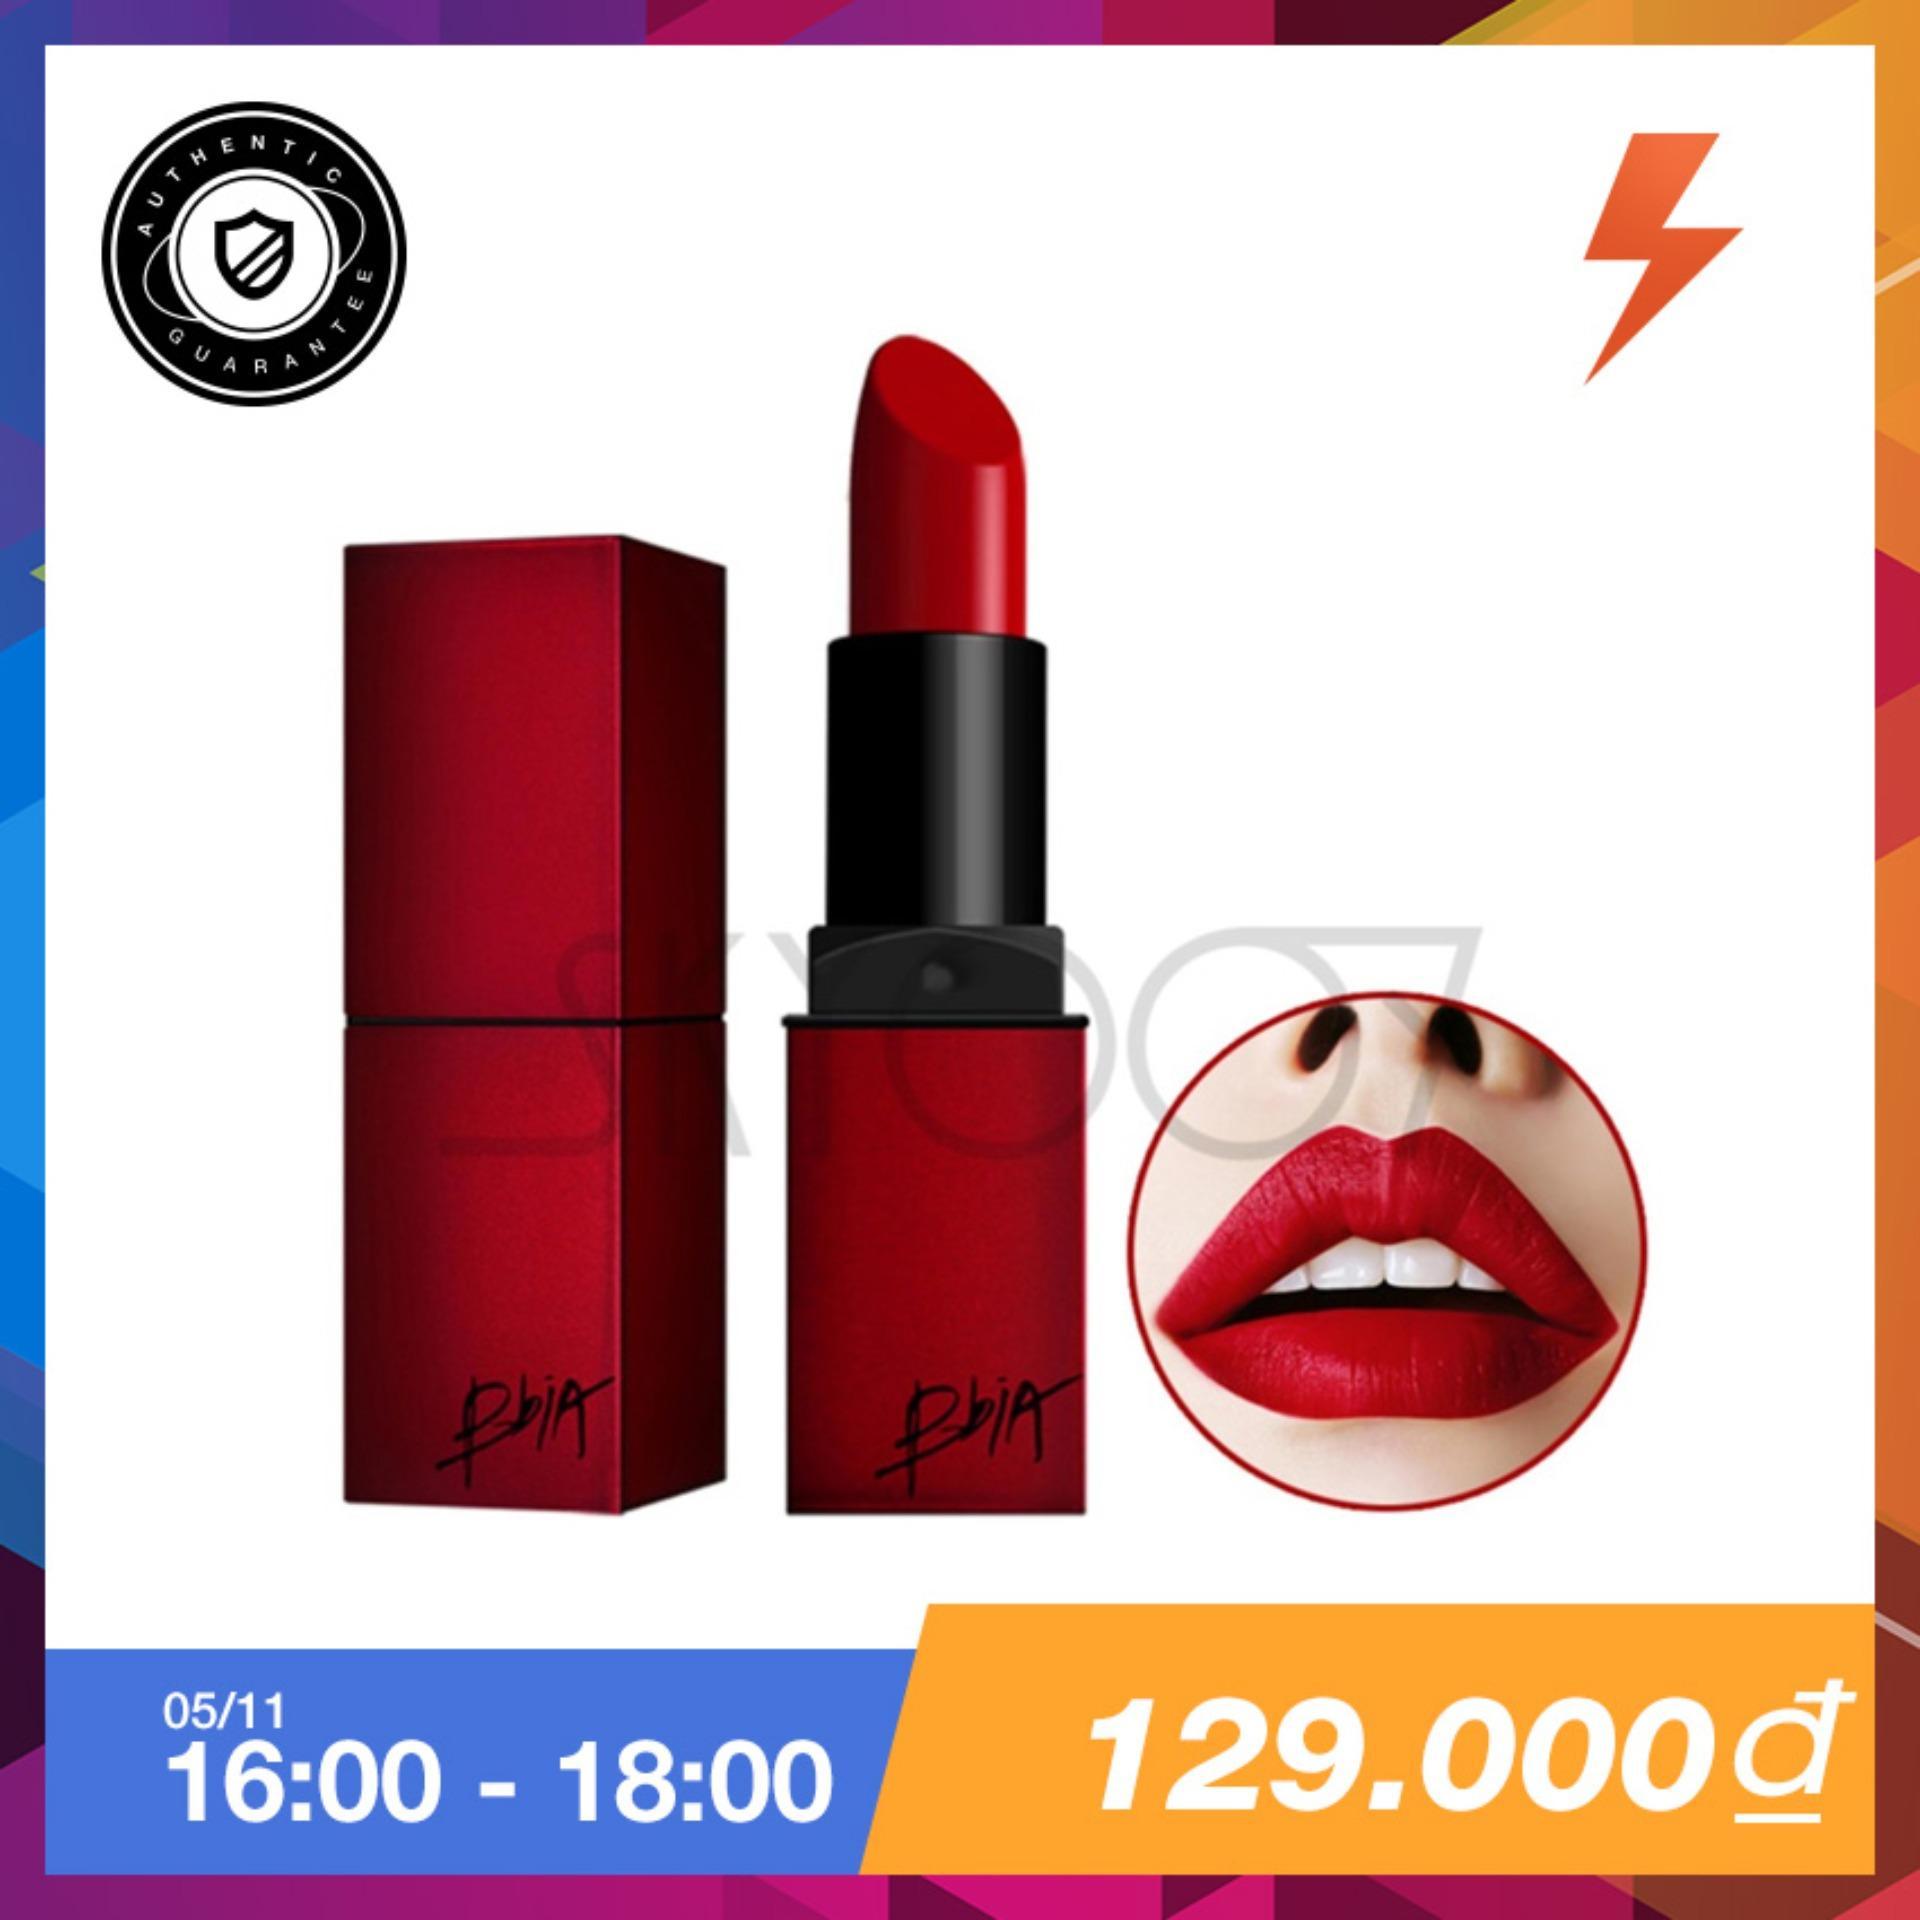 Bán Son Li Vỏ Vuong Bền Mau Bbia Last Lipstick Version 1 01 Provocative Mau Đỏ Base Hồng Nhập Khẩu